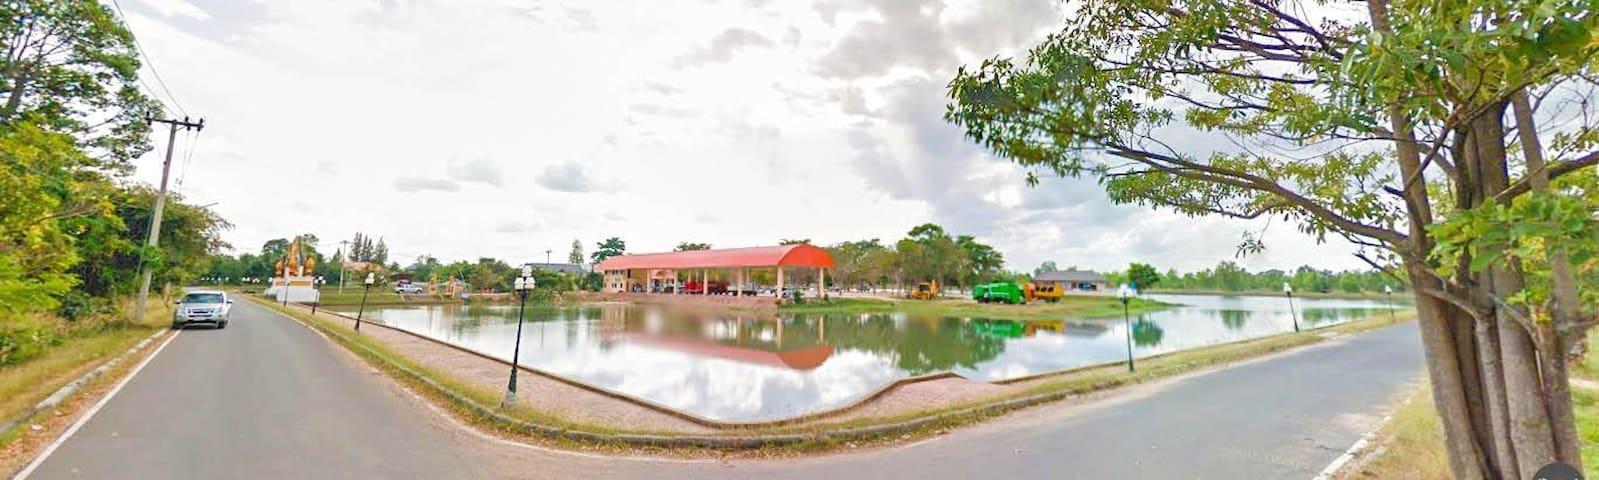 สวนสาธารณะหนองเม็ก องค์การบริหารส่วนตำบลรอบเมือง